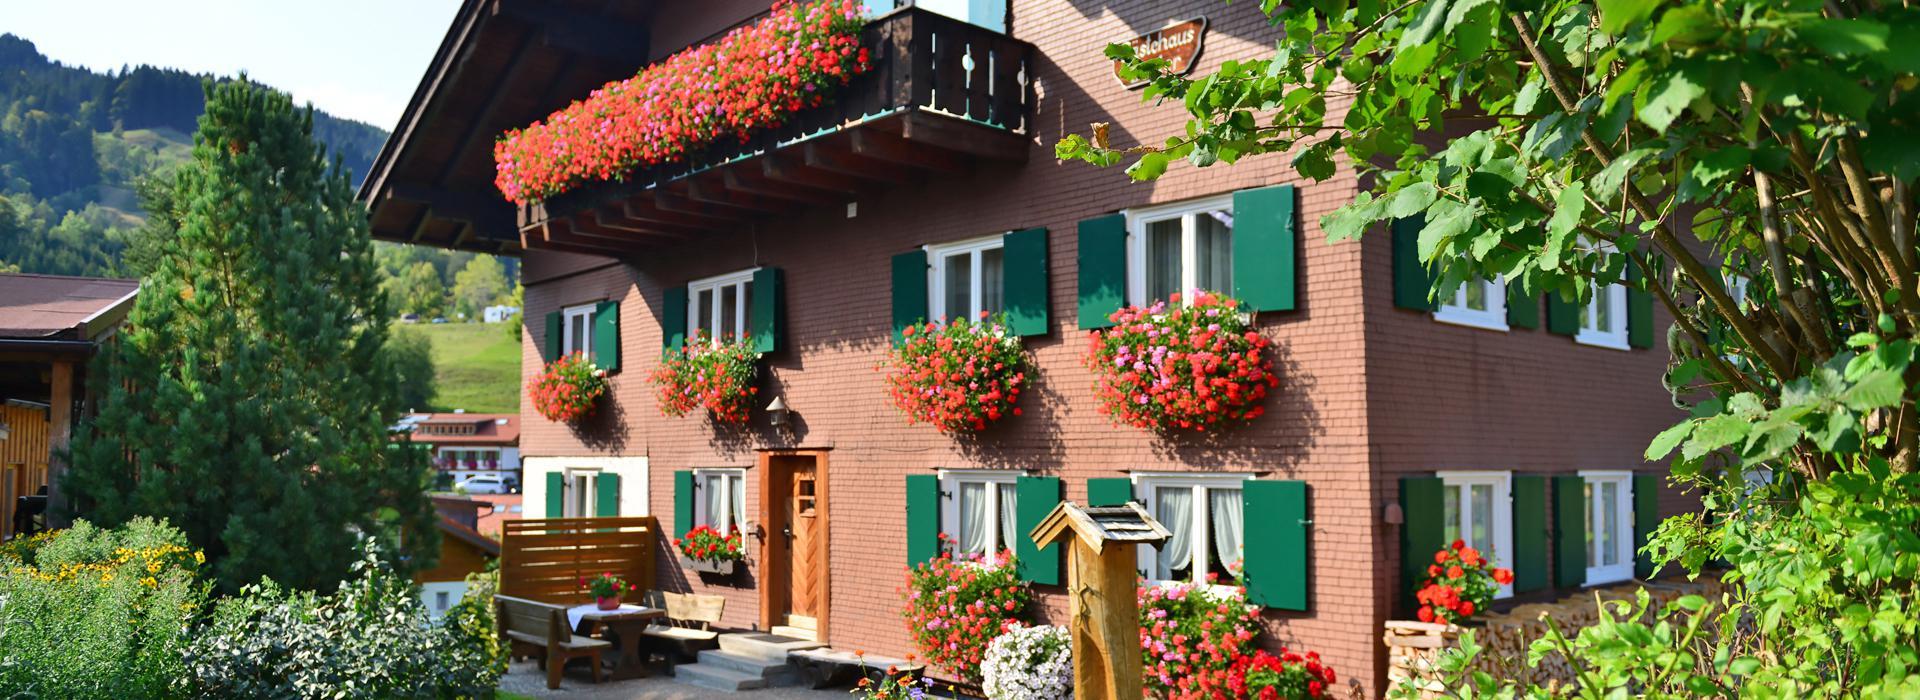 Gästehaus Bader in Ofterschwang